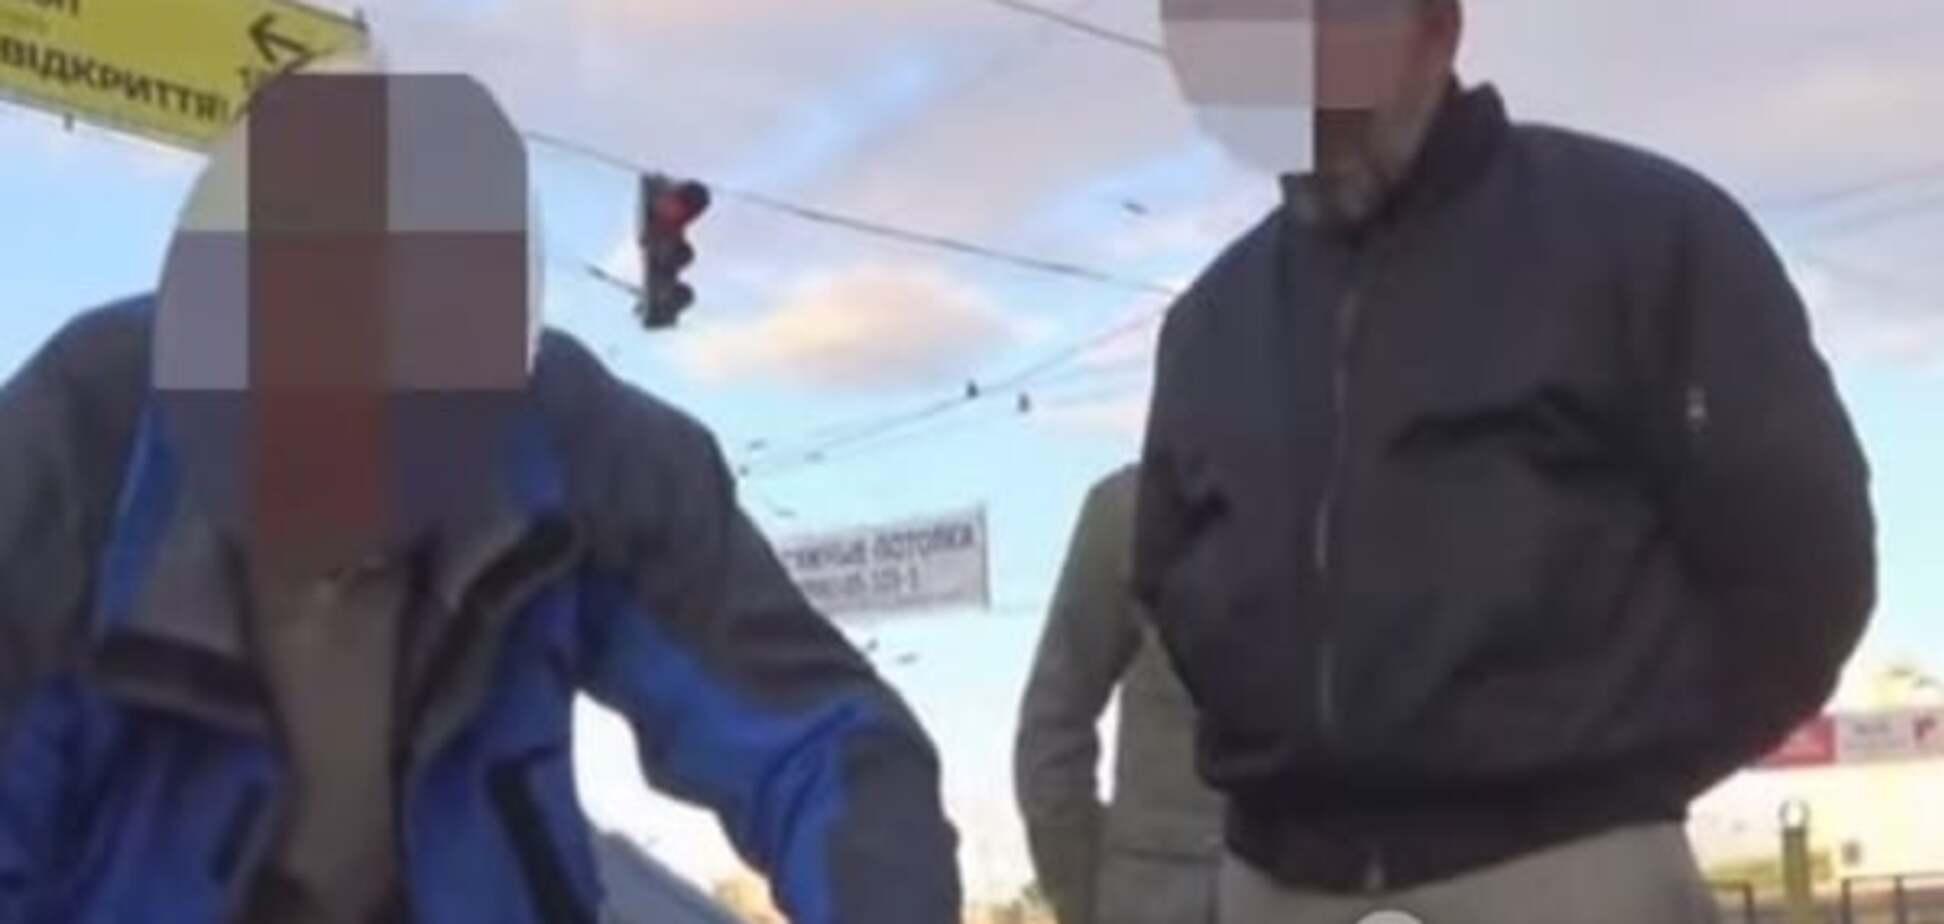 СБУ опублікувала аудіоперехват і відео затримання терористів, які готували вибухи в Києві